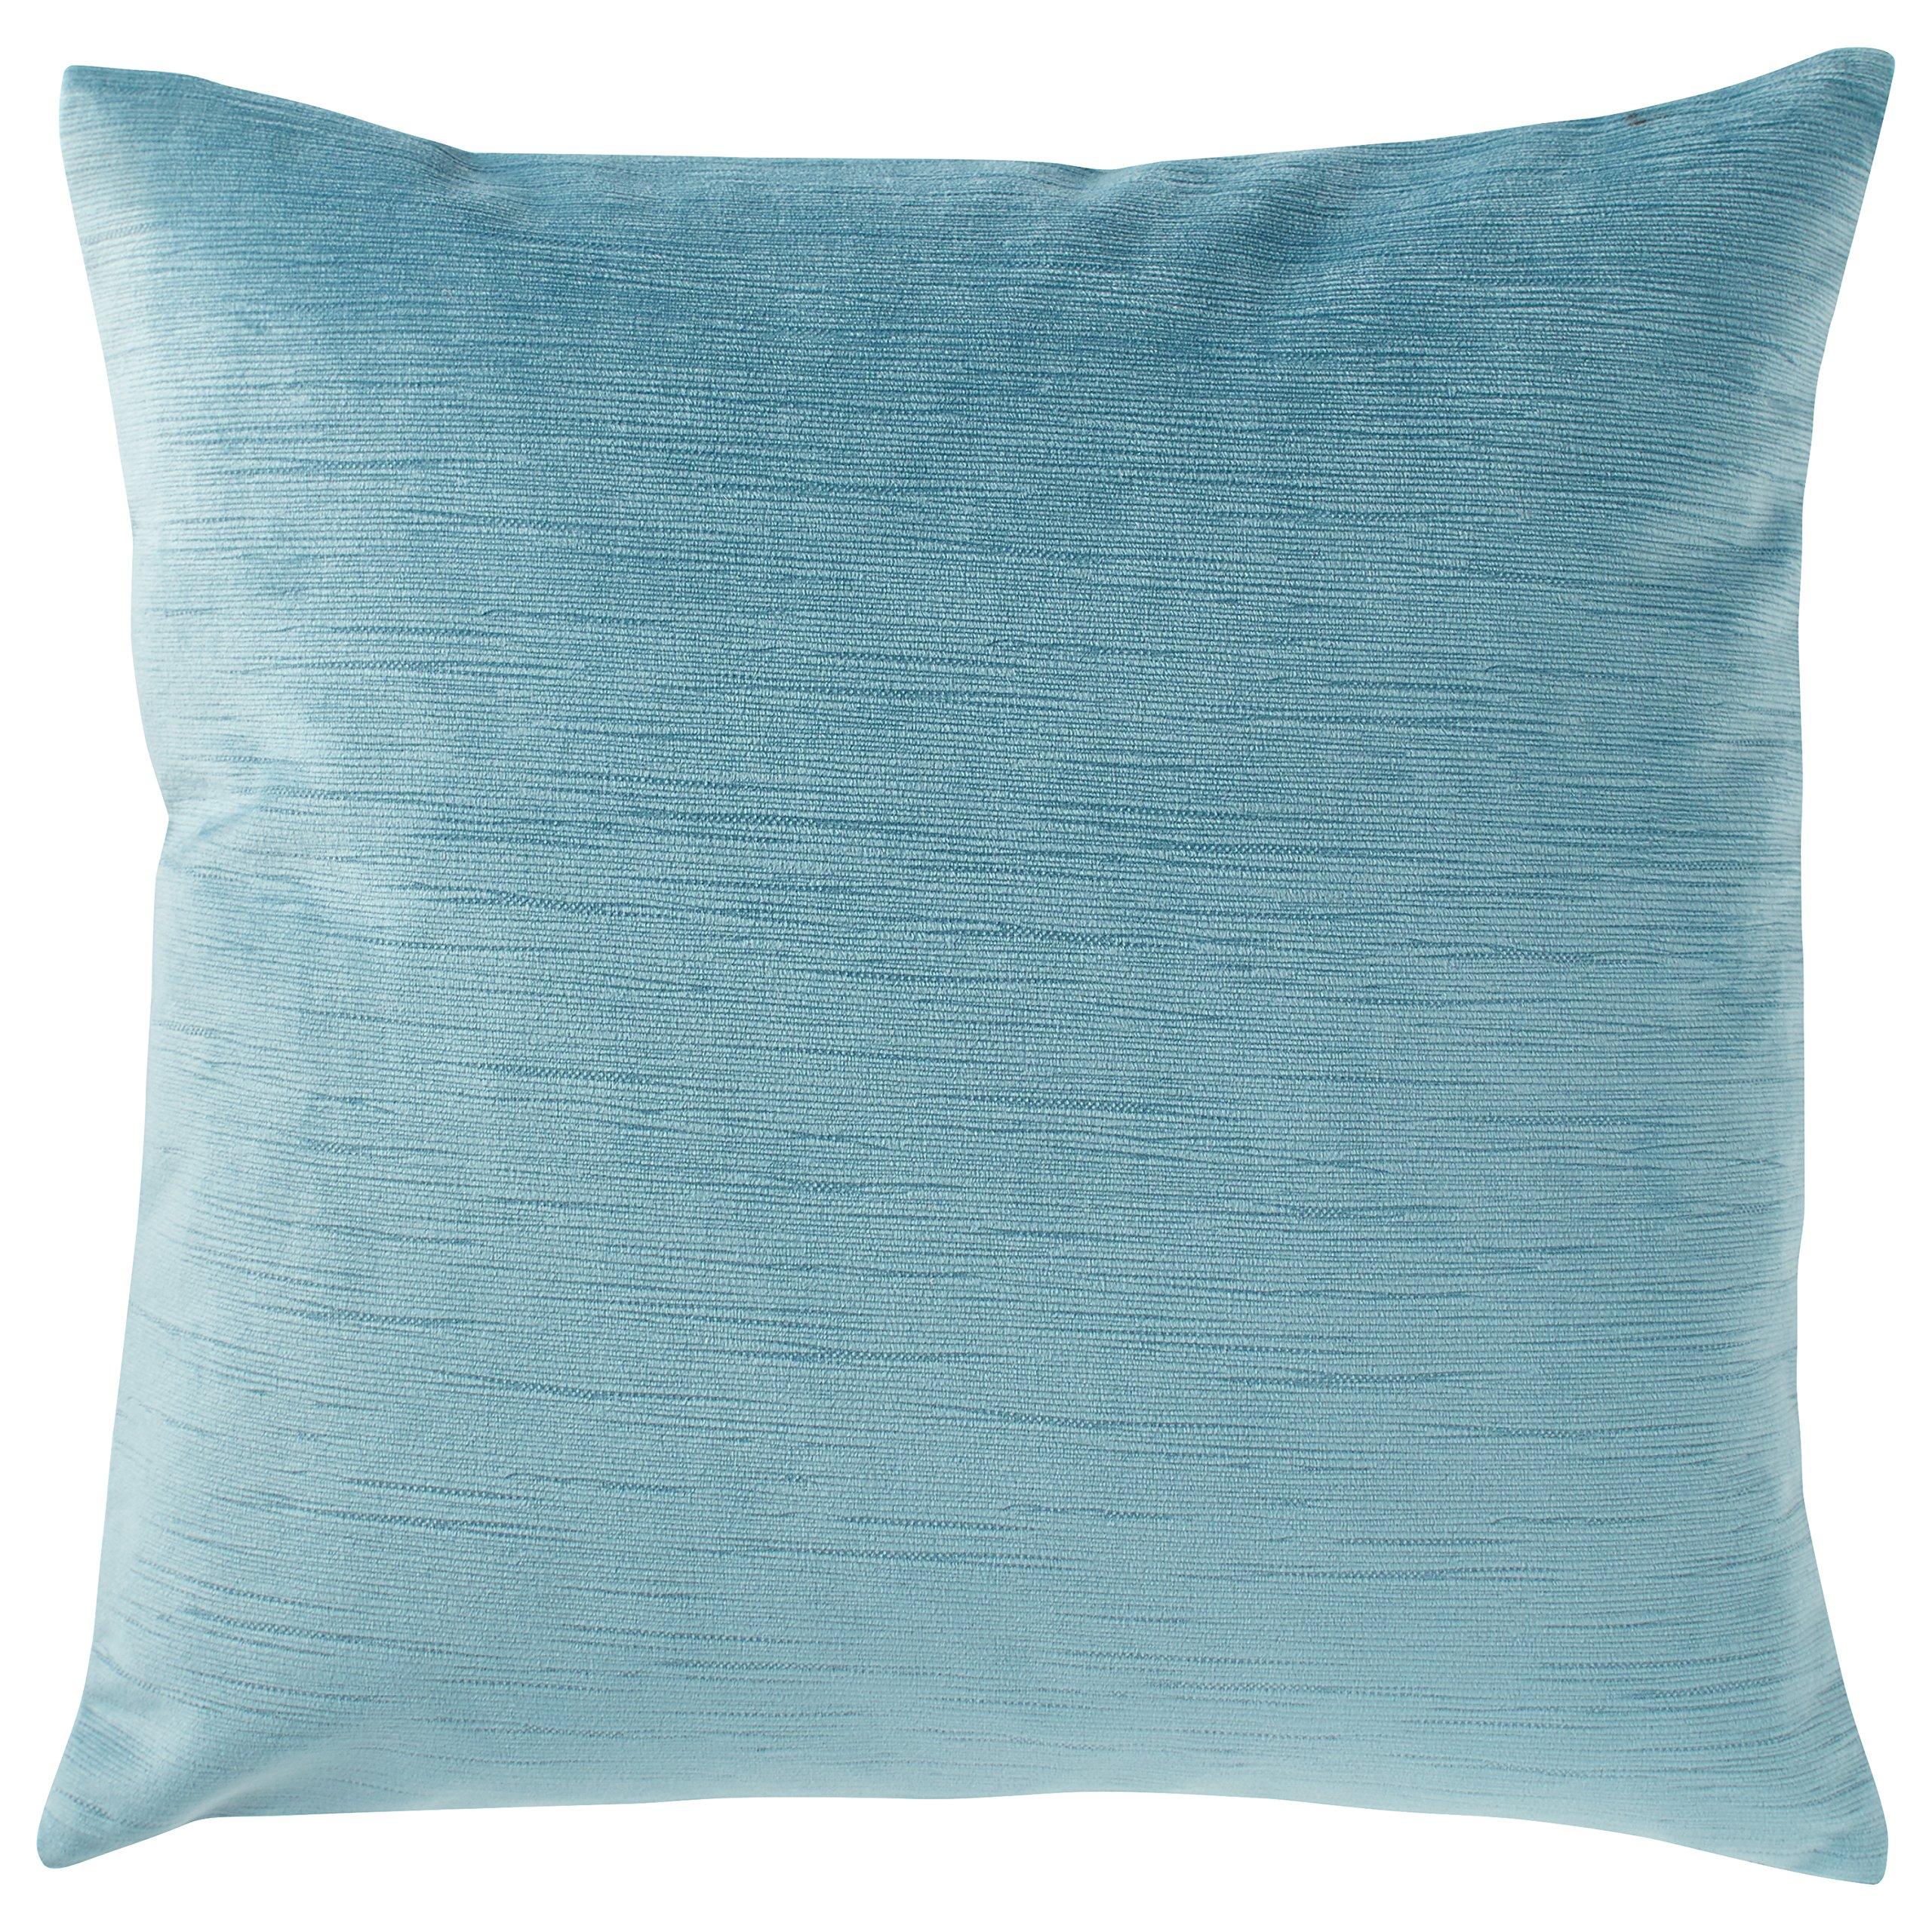 Stone & Beam Striated Velvet/Linen-Look Pillow, 17'' x 17'', Laguna